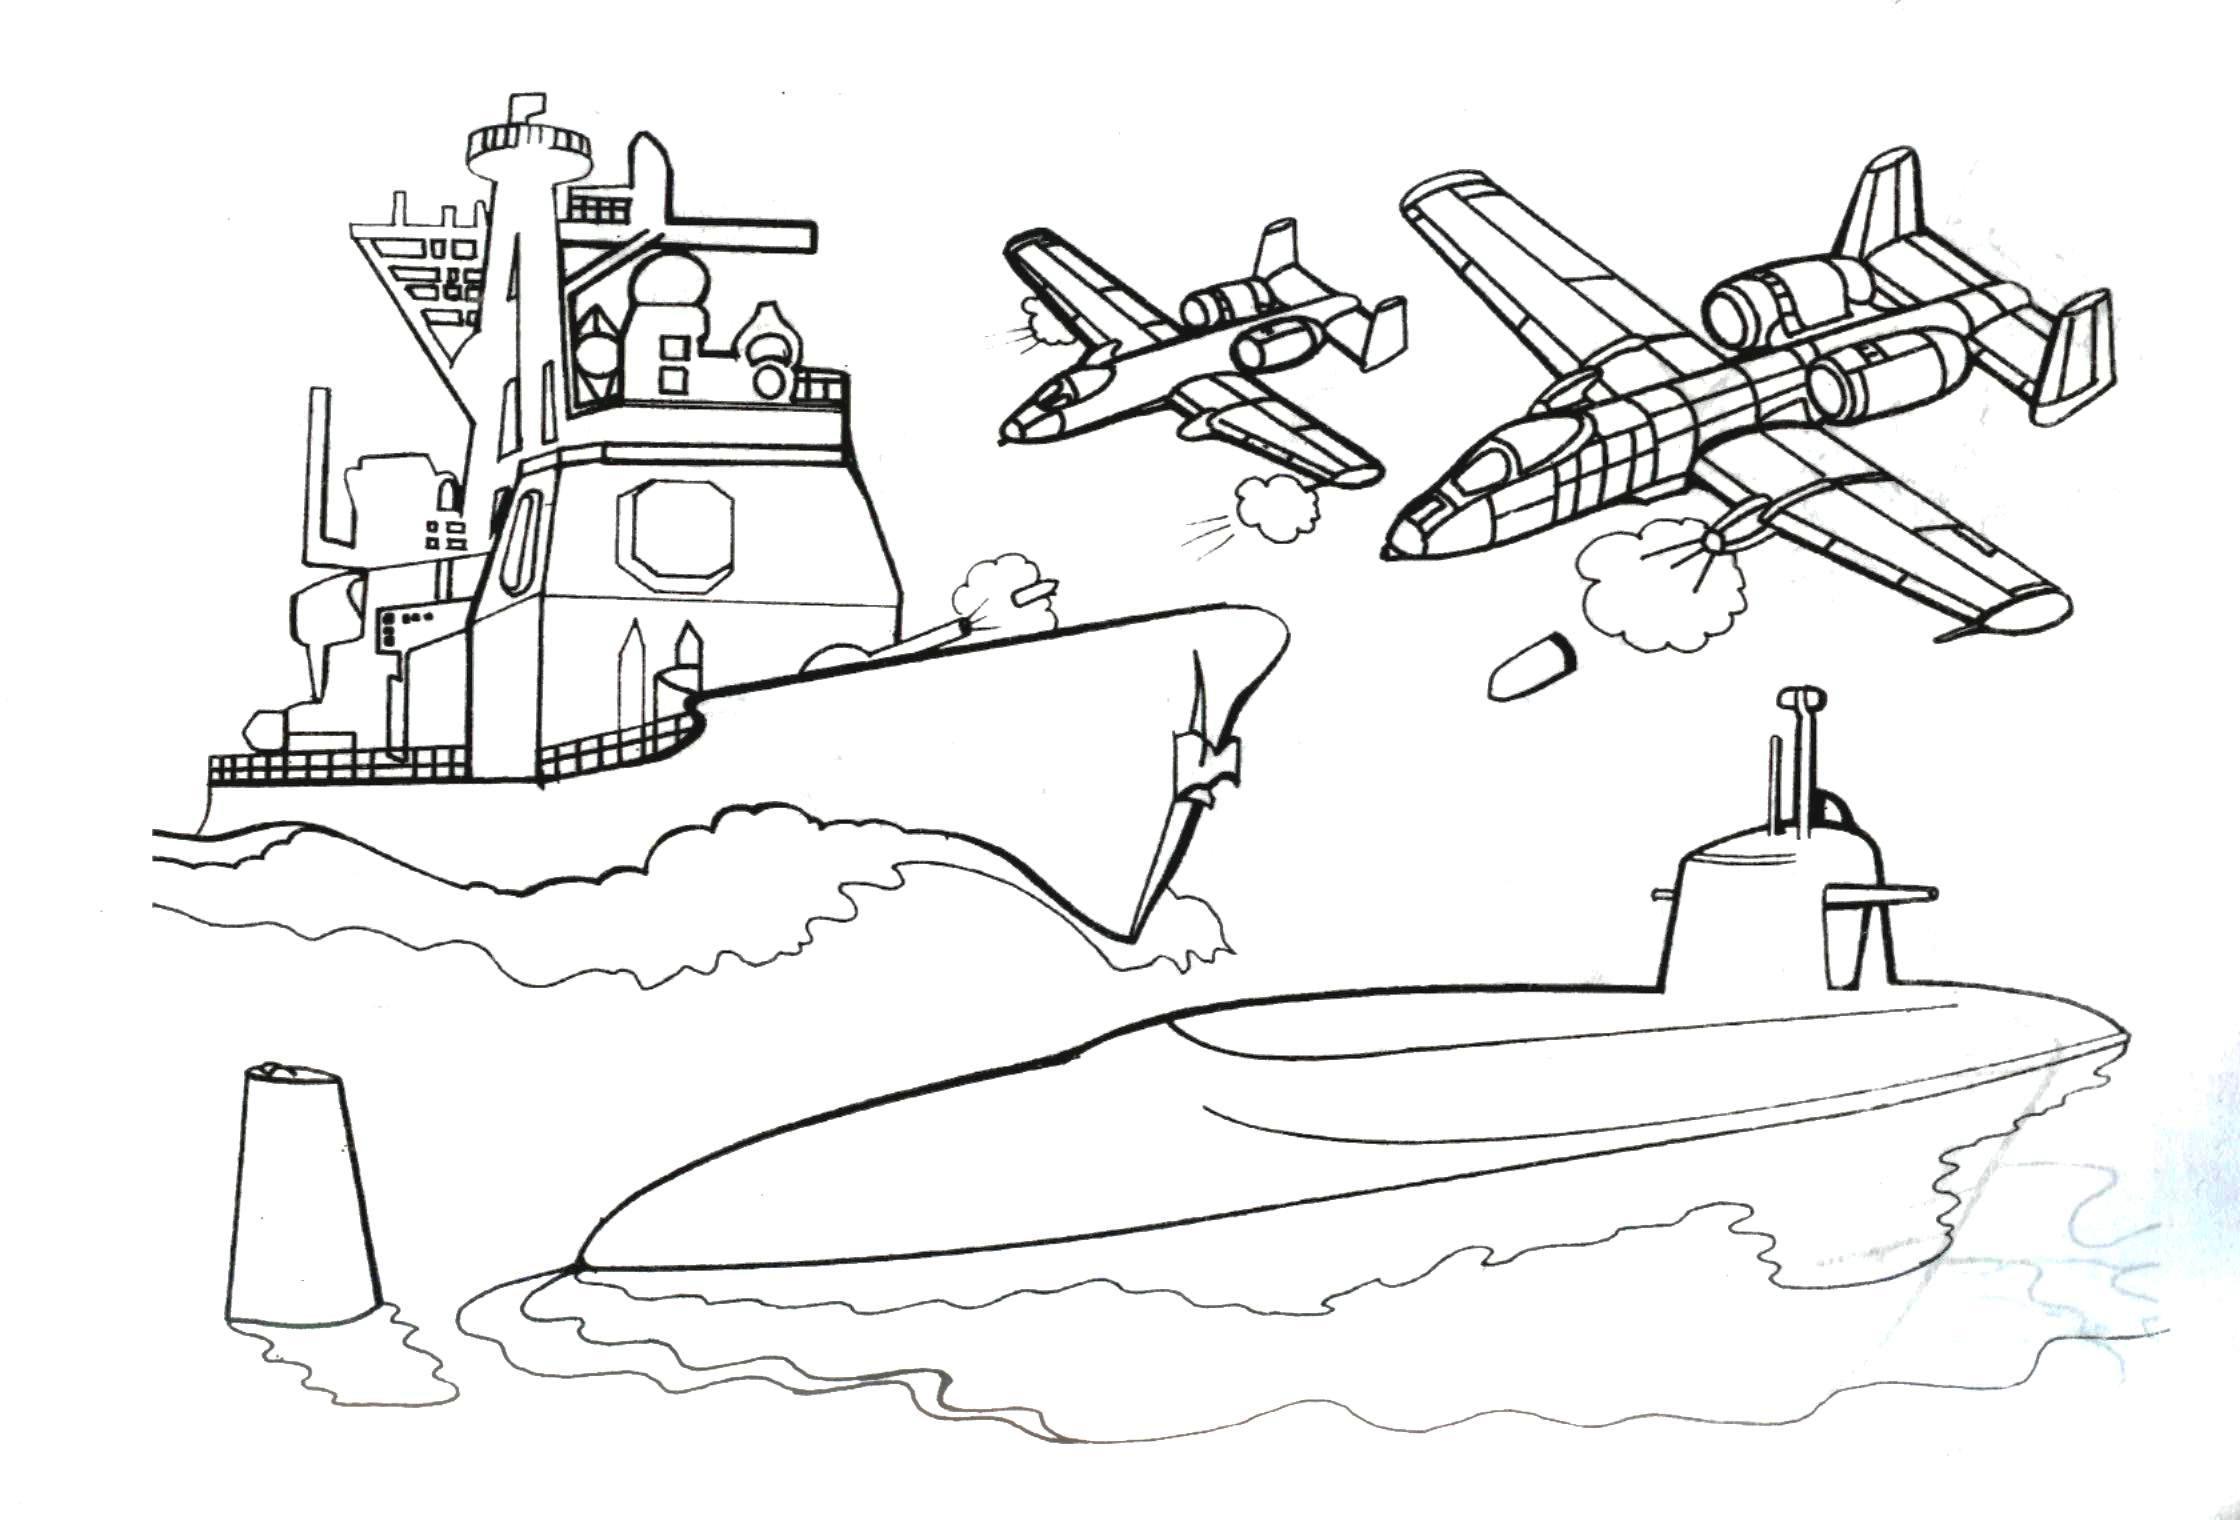 Раскраски корабли, подводные лодки, самолеты